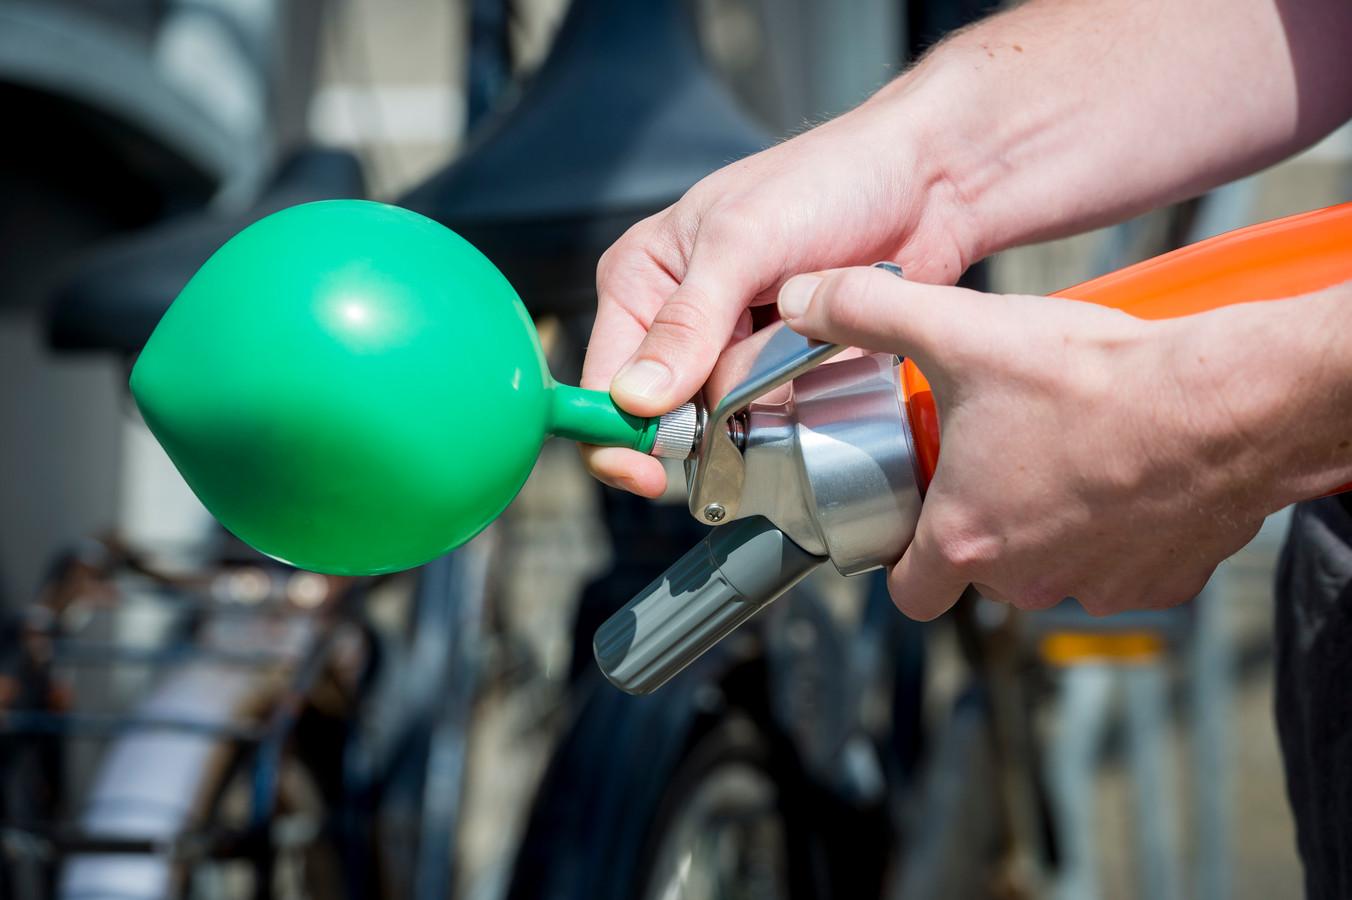 Lachgas inademen via een ballonnetje is populair tijdens het uitgaan.